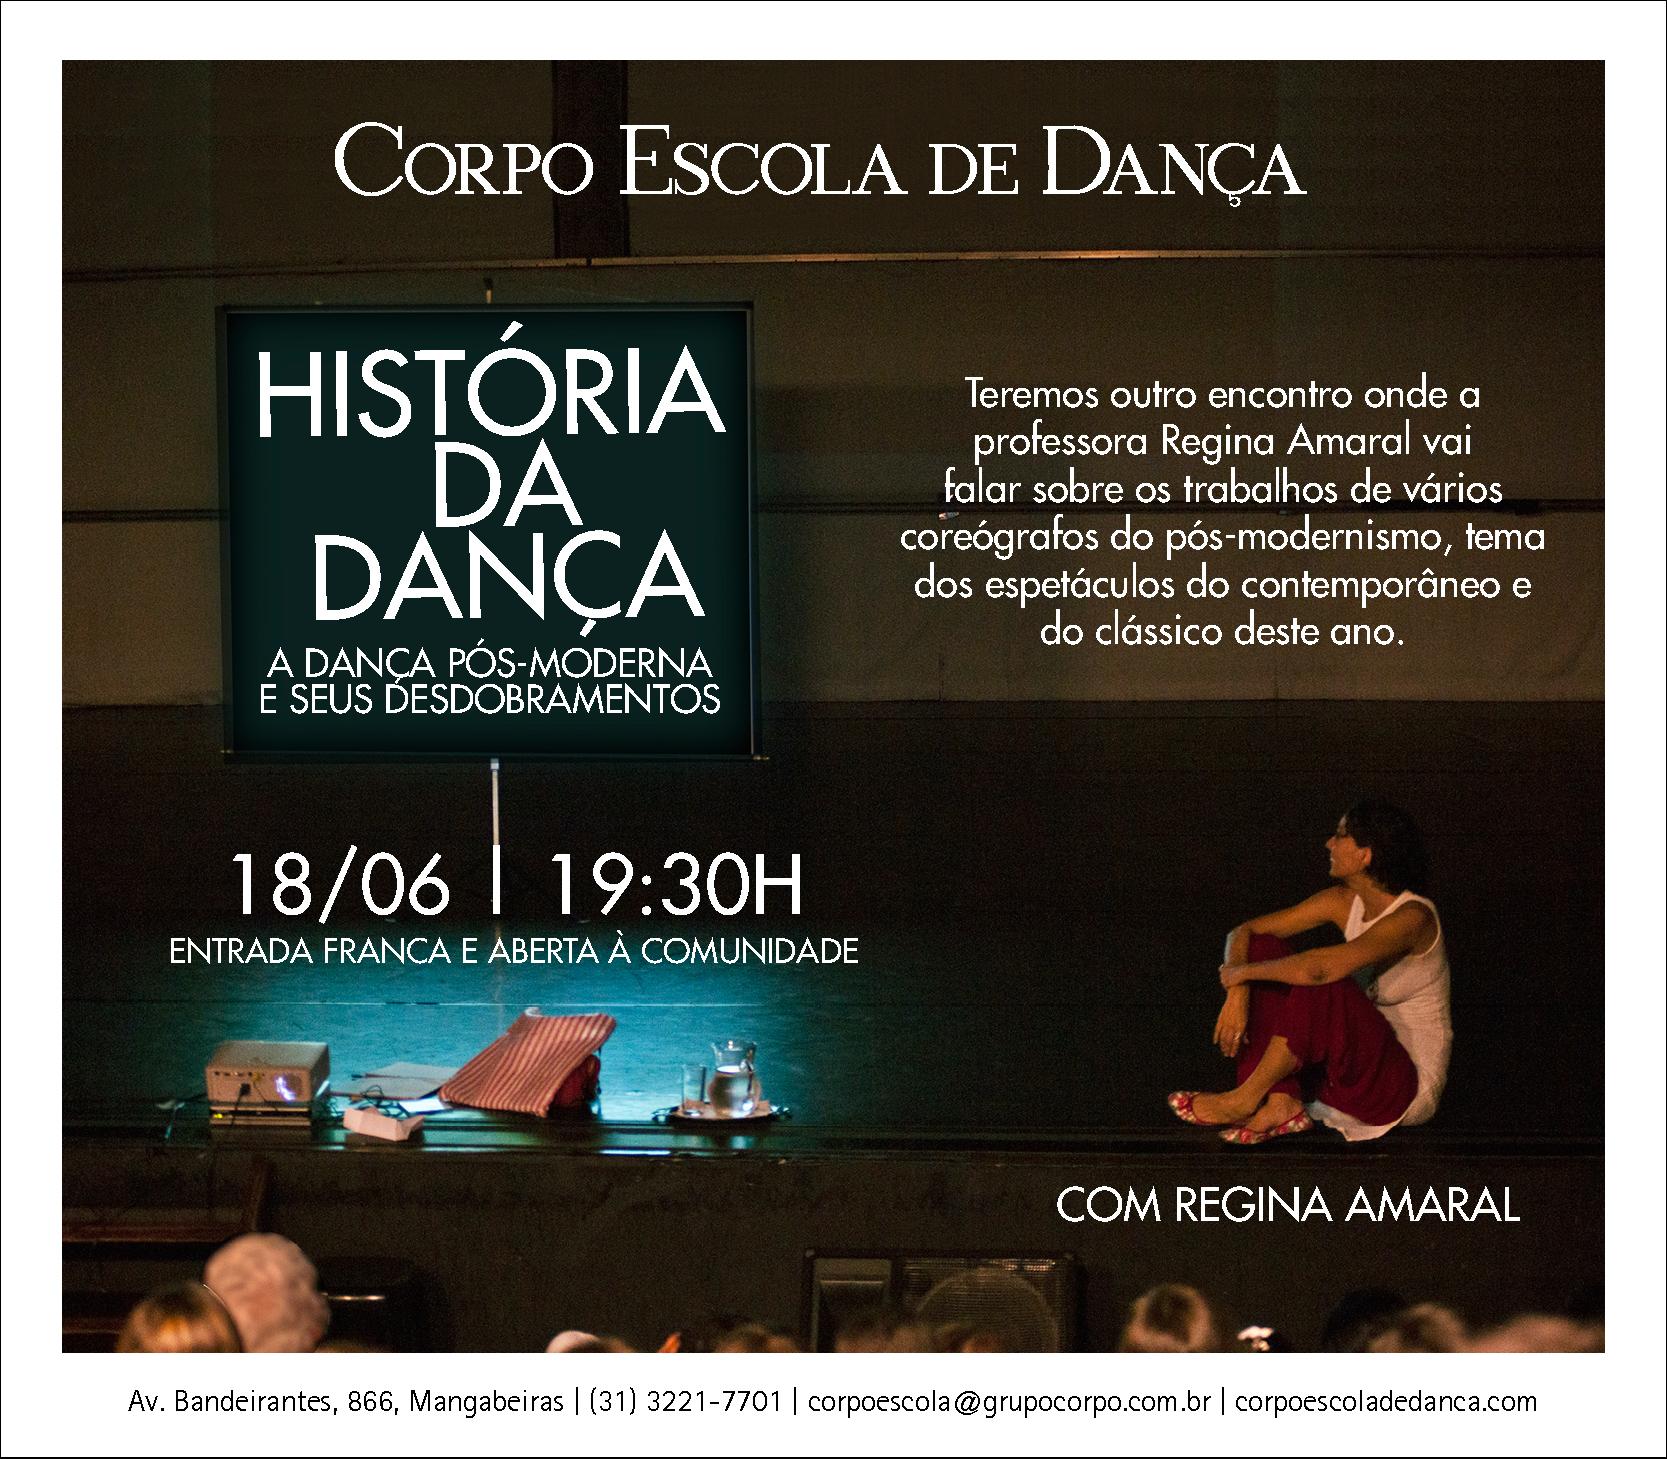 HistoriaDaDança_24